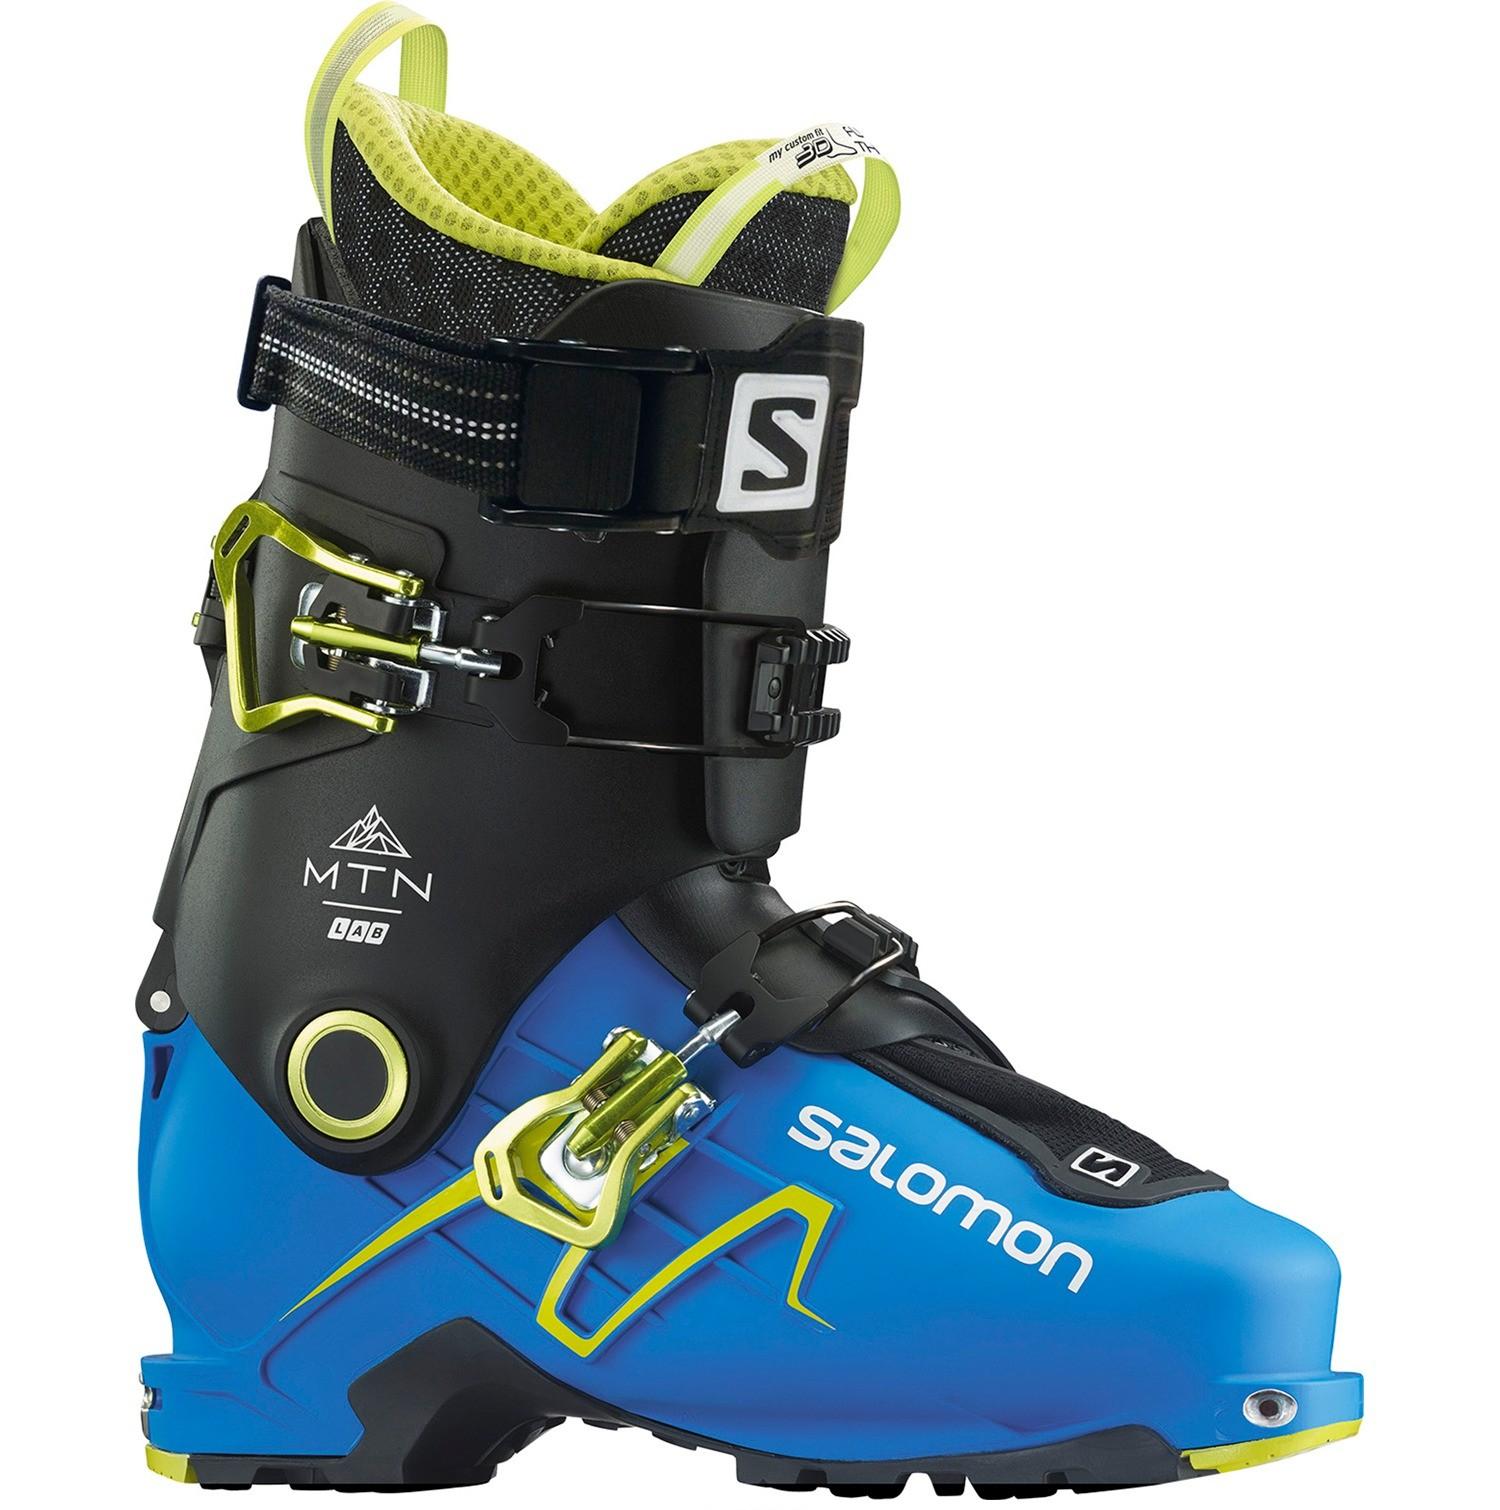 dd37a9f1fd4 Mtn Rando Salomon Ski Test Chaussure Magazine Lab pxvq1W0Ww4